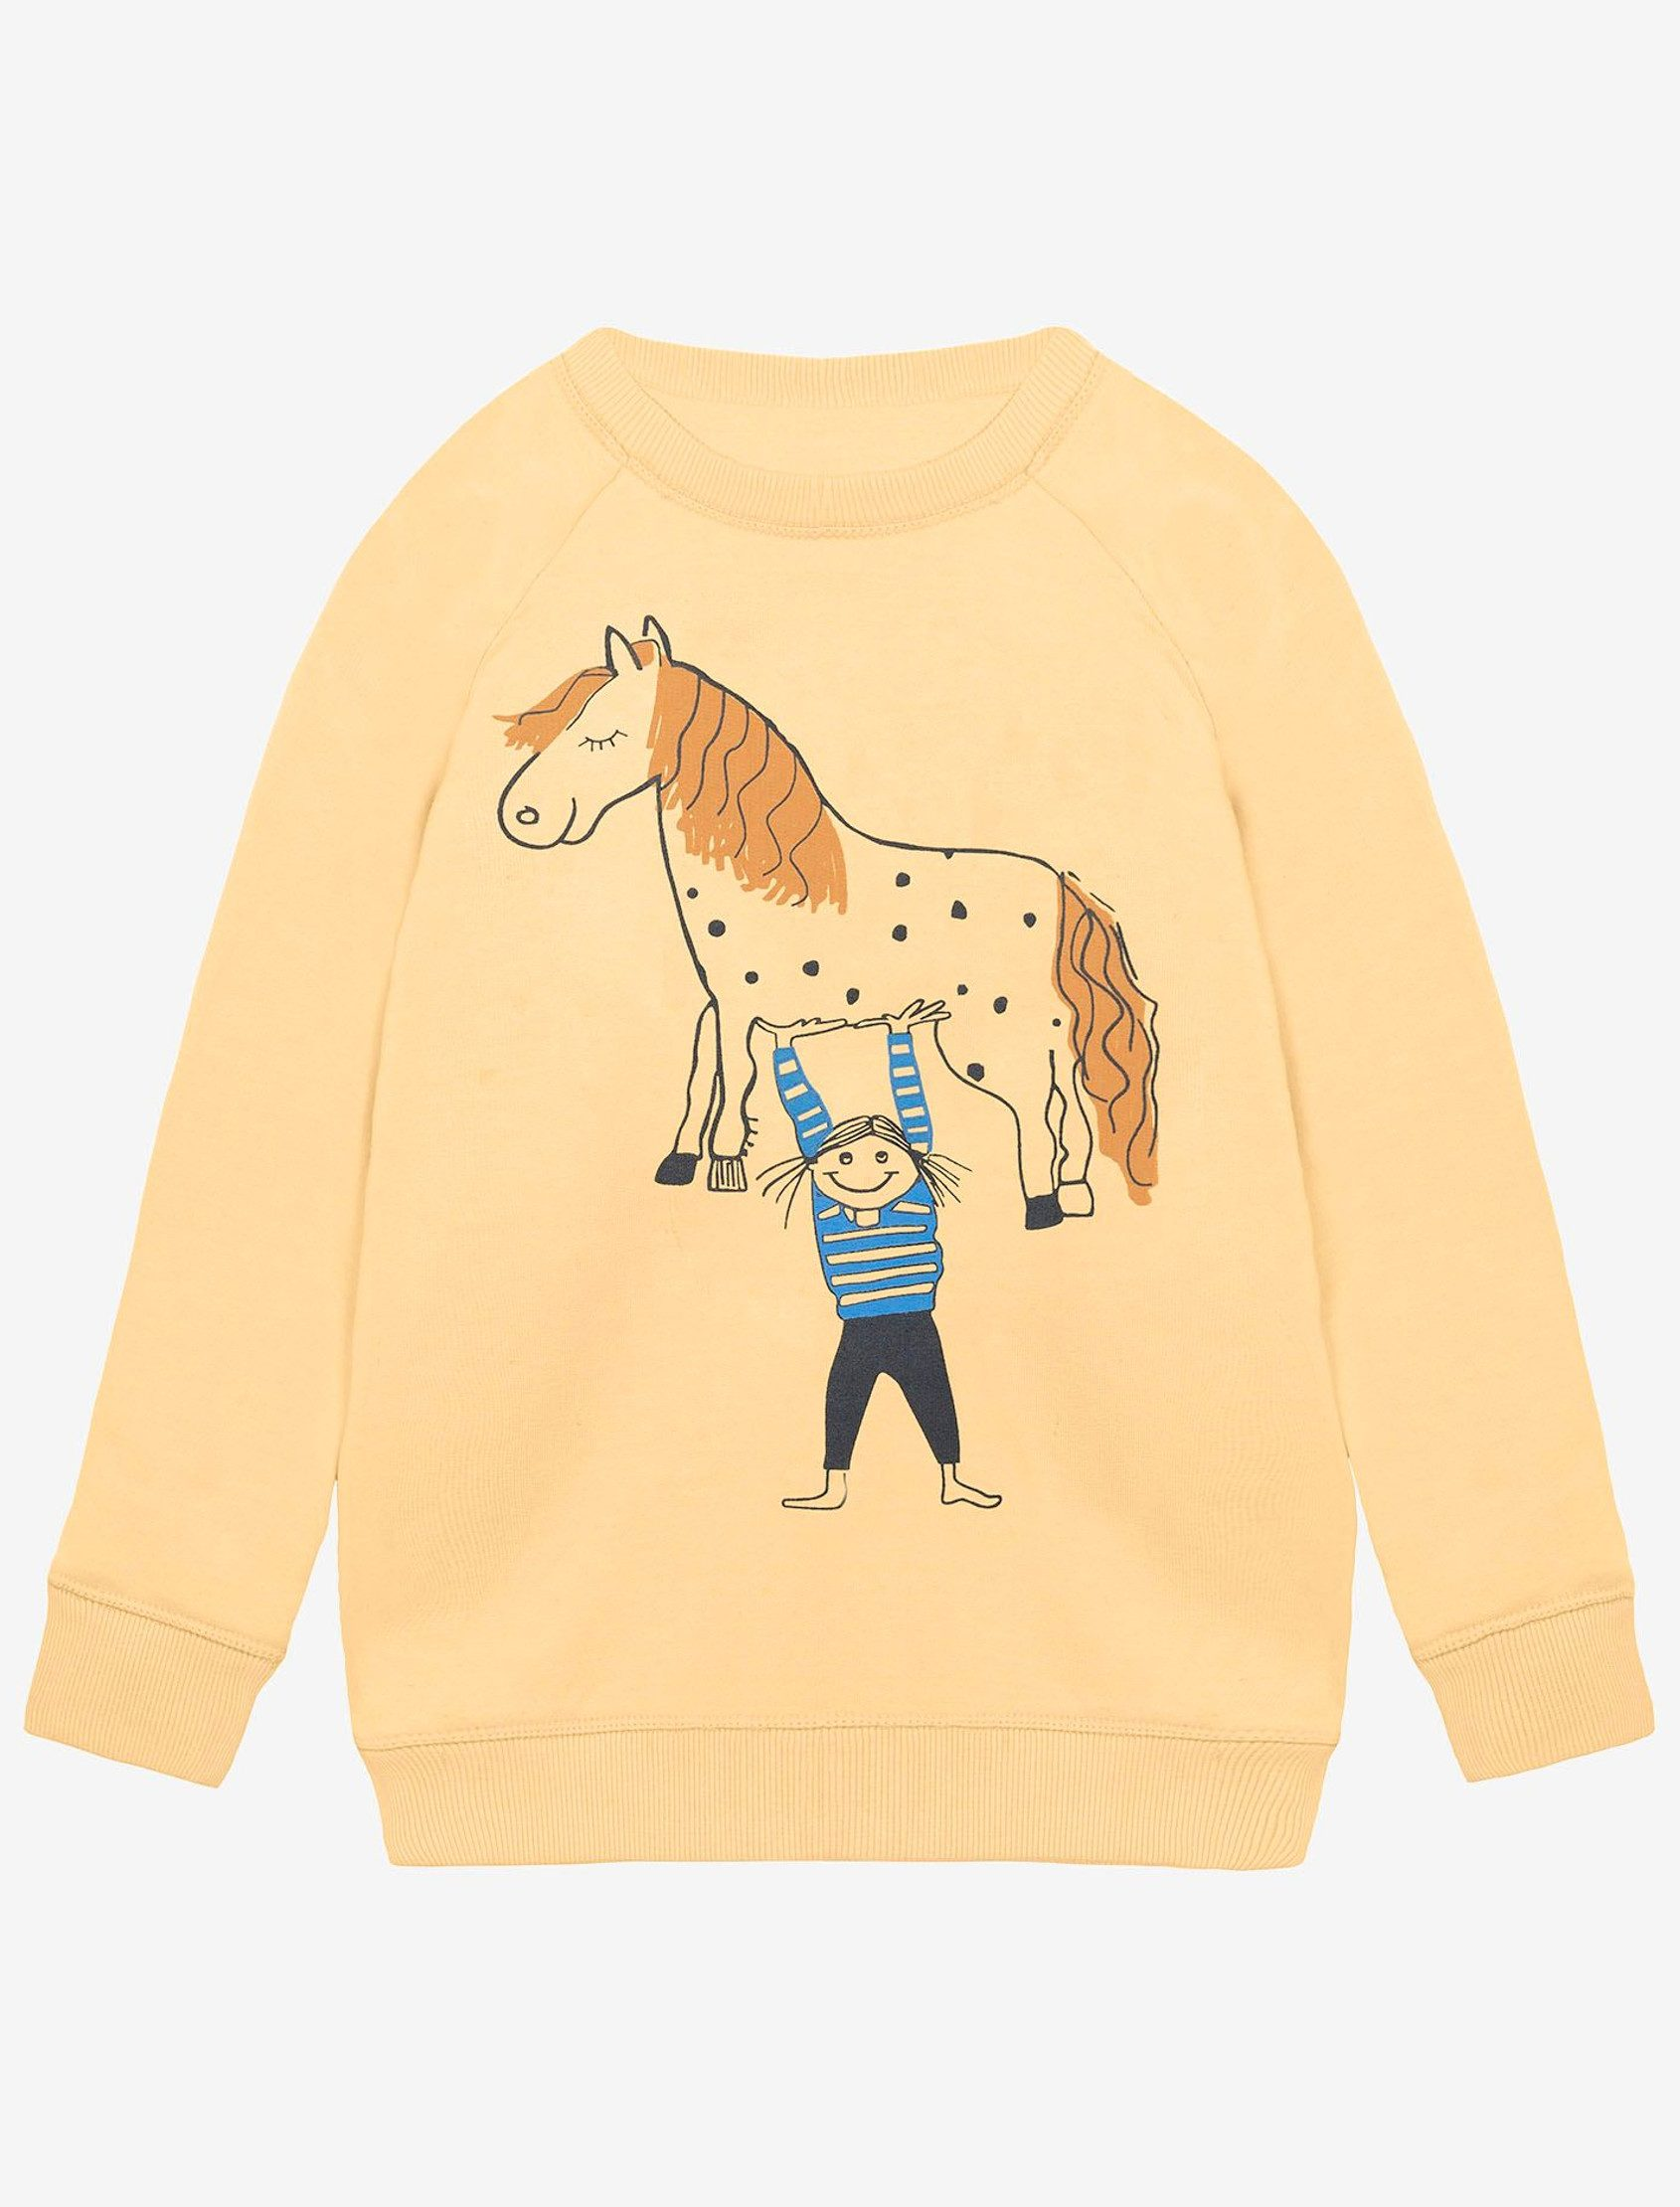 Sudadera casual unisex color vainilla con mangas ranglan y estampado Yeah! ¡Somos tan fuertes que podemos levantar un caballo de verdad! Este modelo tiene un acabado calentito afelpado.